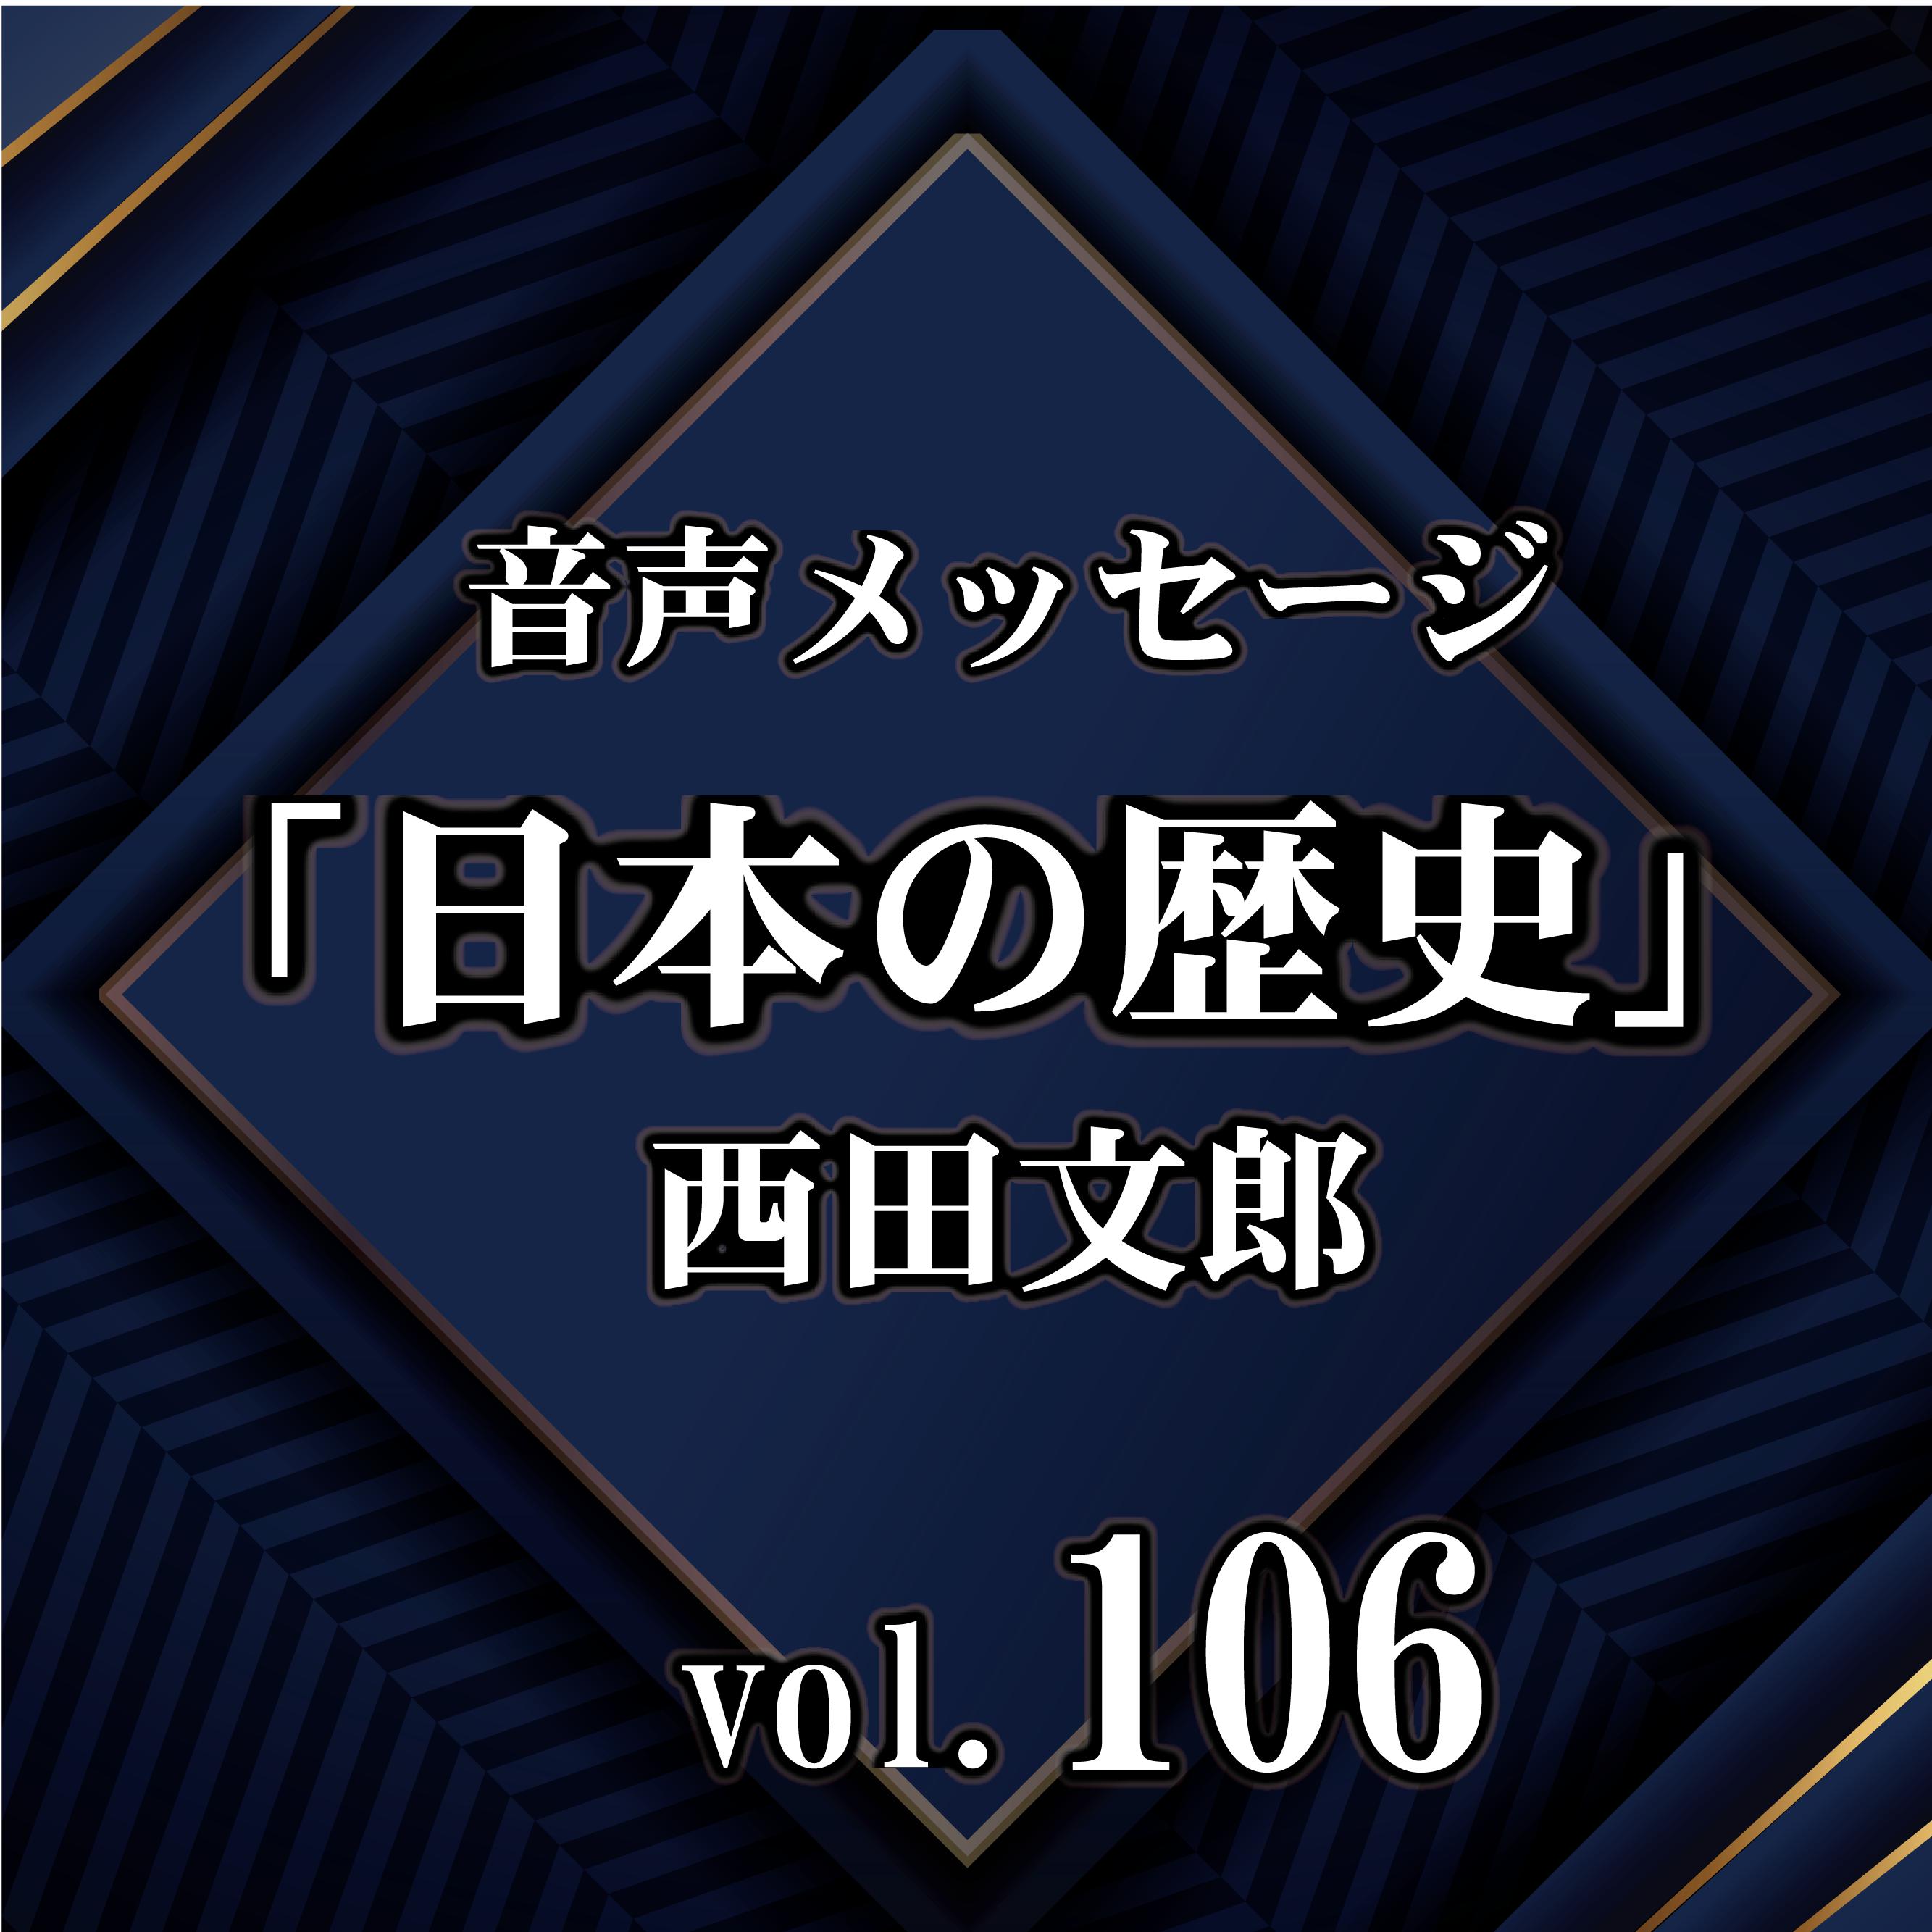 西田文郎 音声メッセージvol.106『日本の歴史』